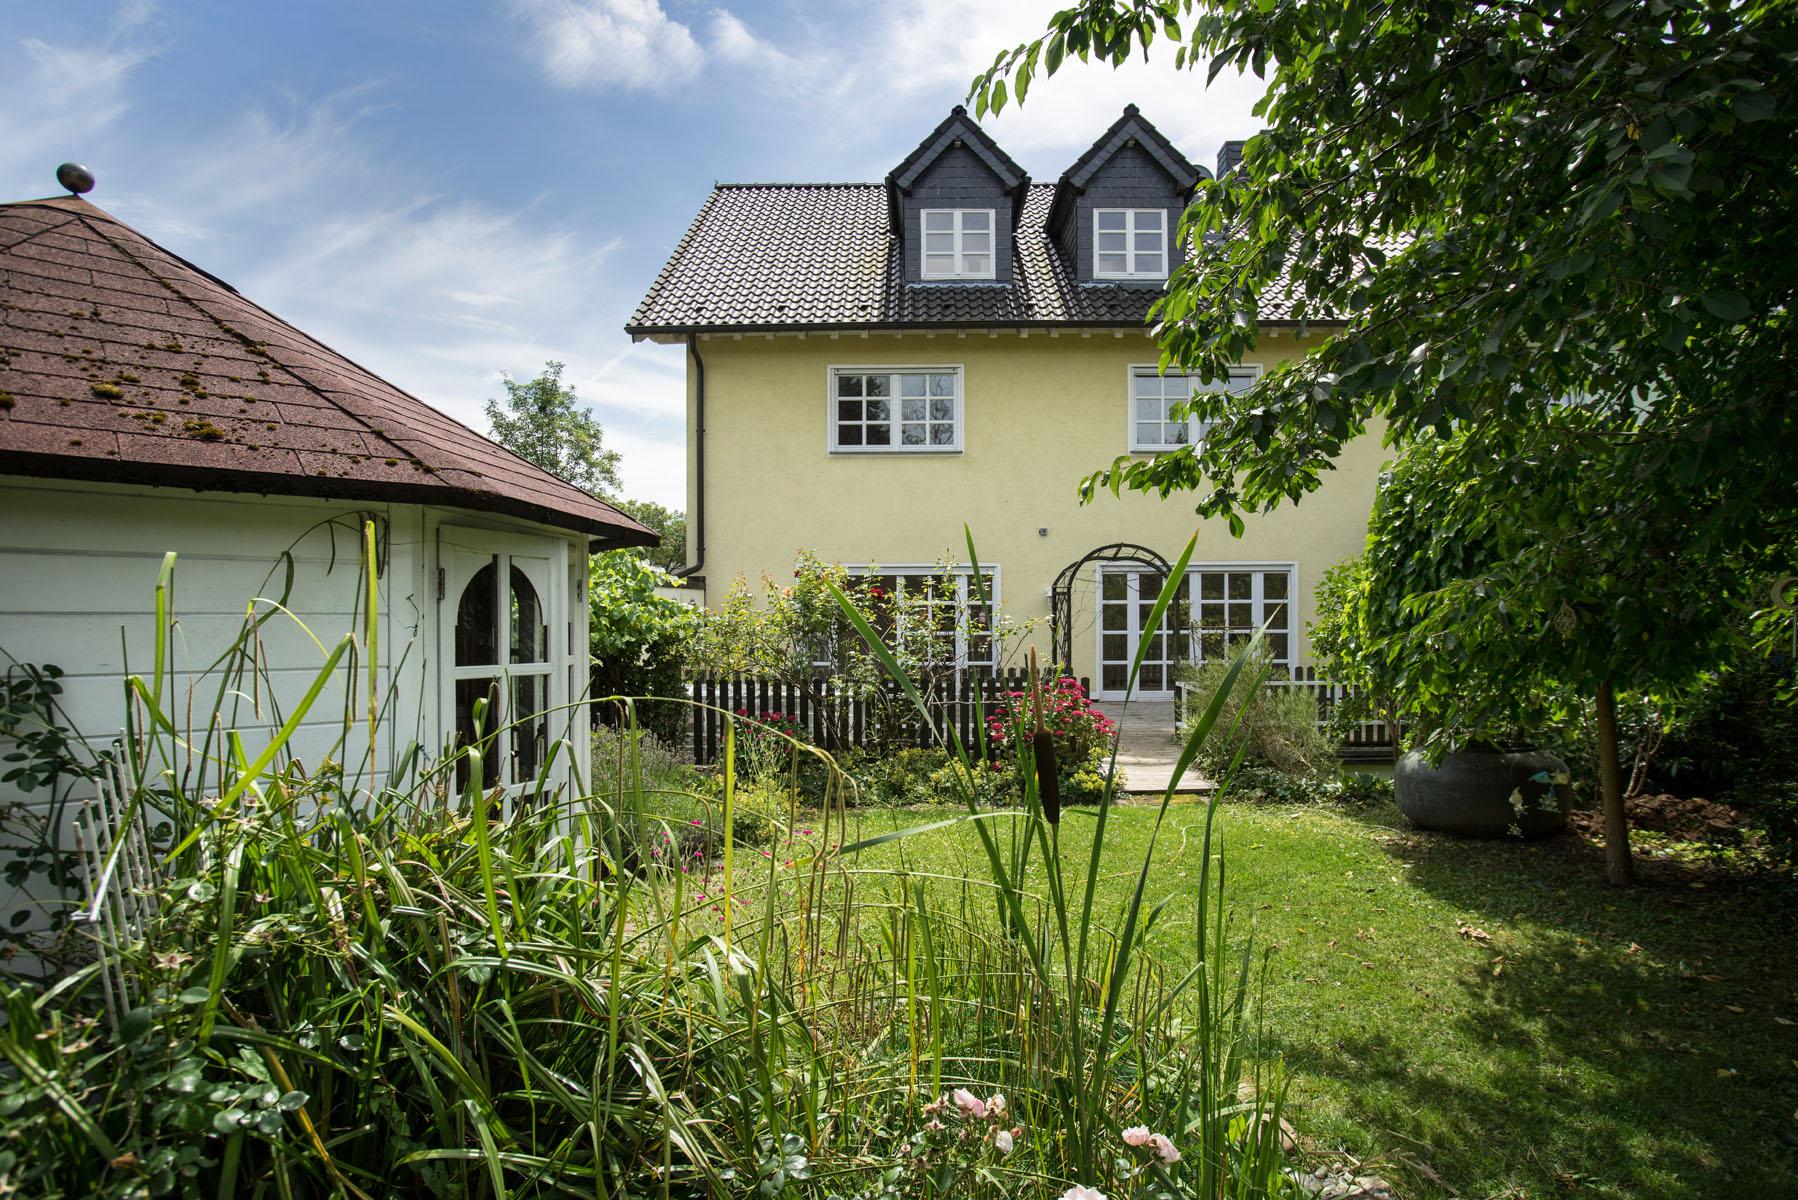 gro es haus mit zauberhaftem garten und sch ner lage in bad godesberg friesdorf. Black Bedroom Furniture Sets. Home Design Ideas